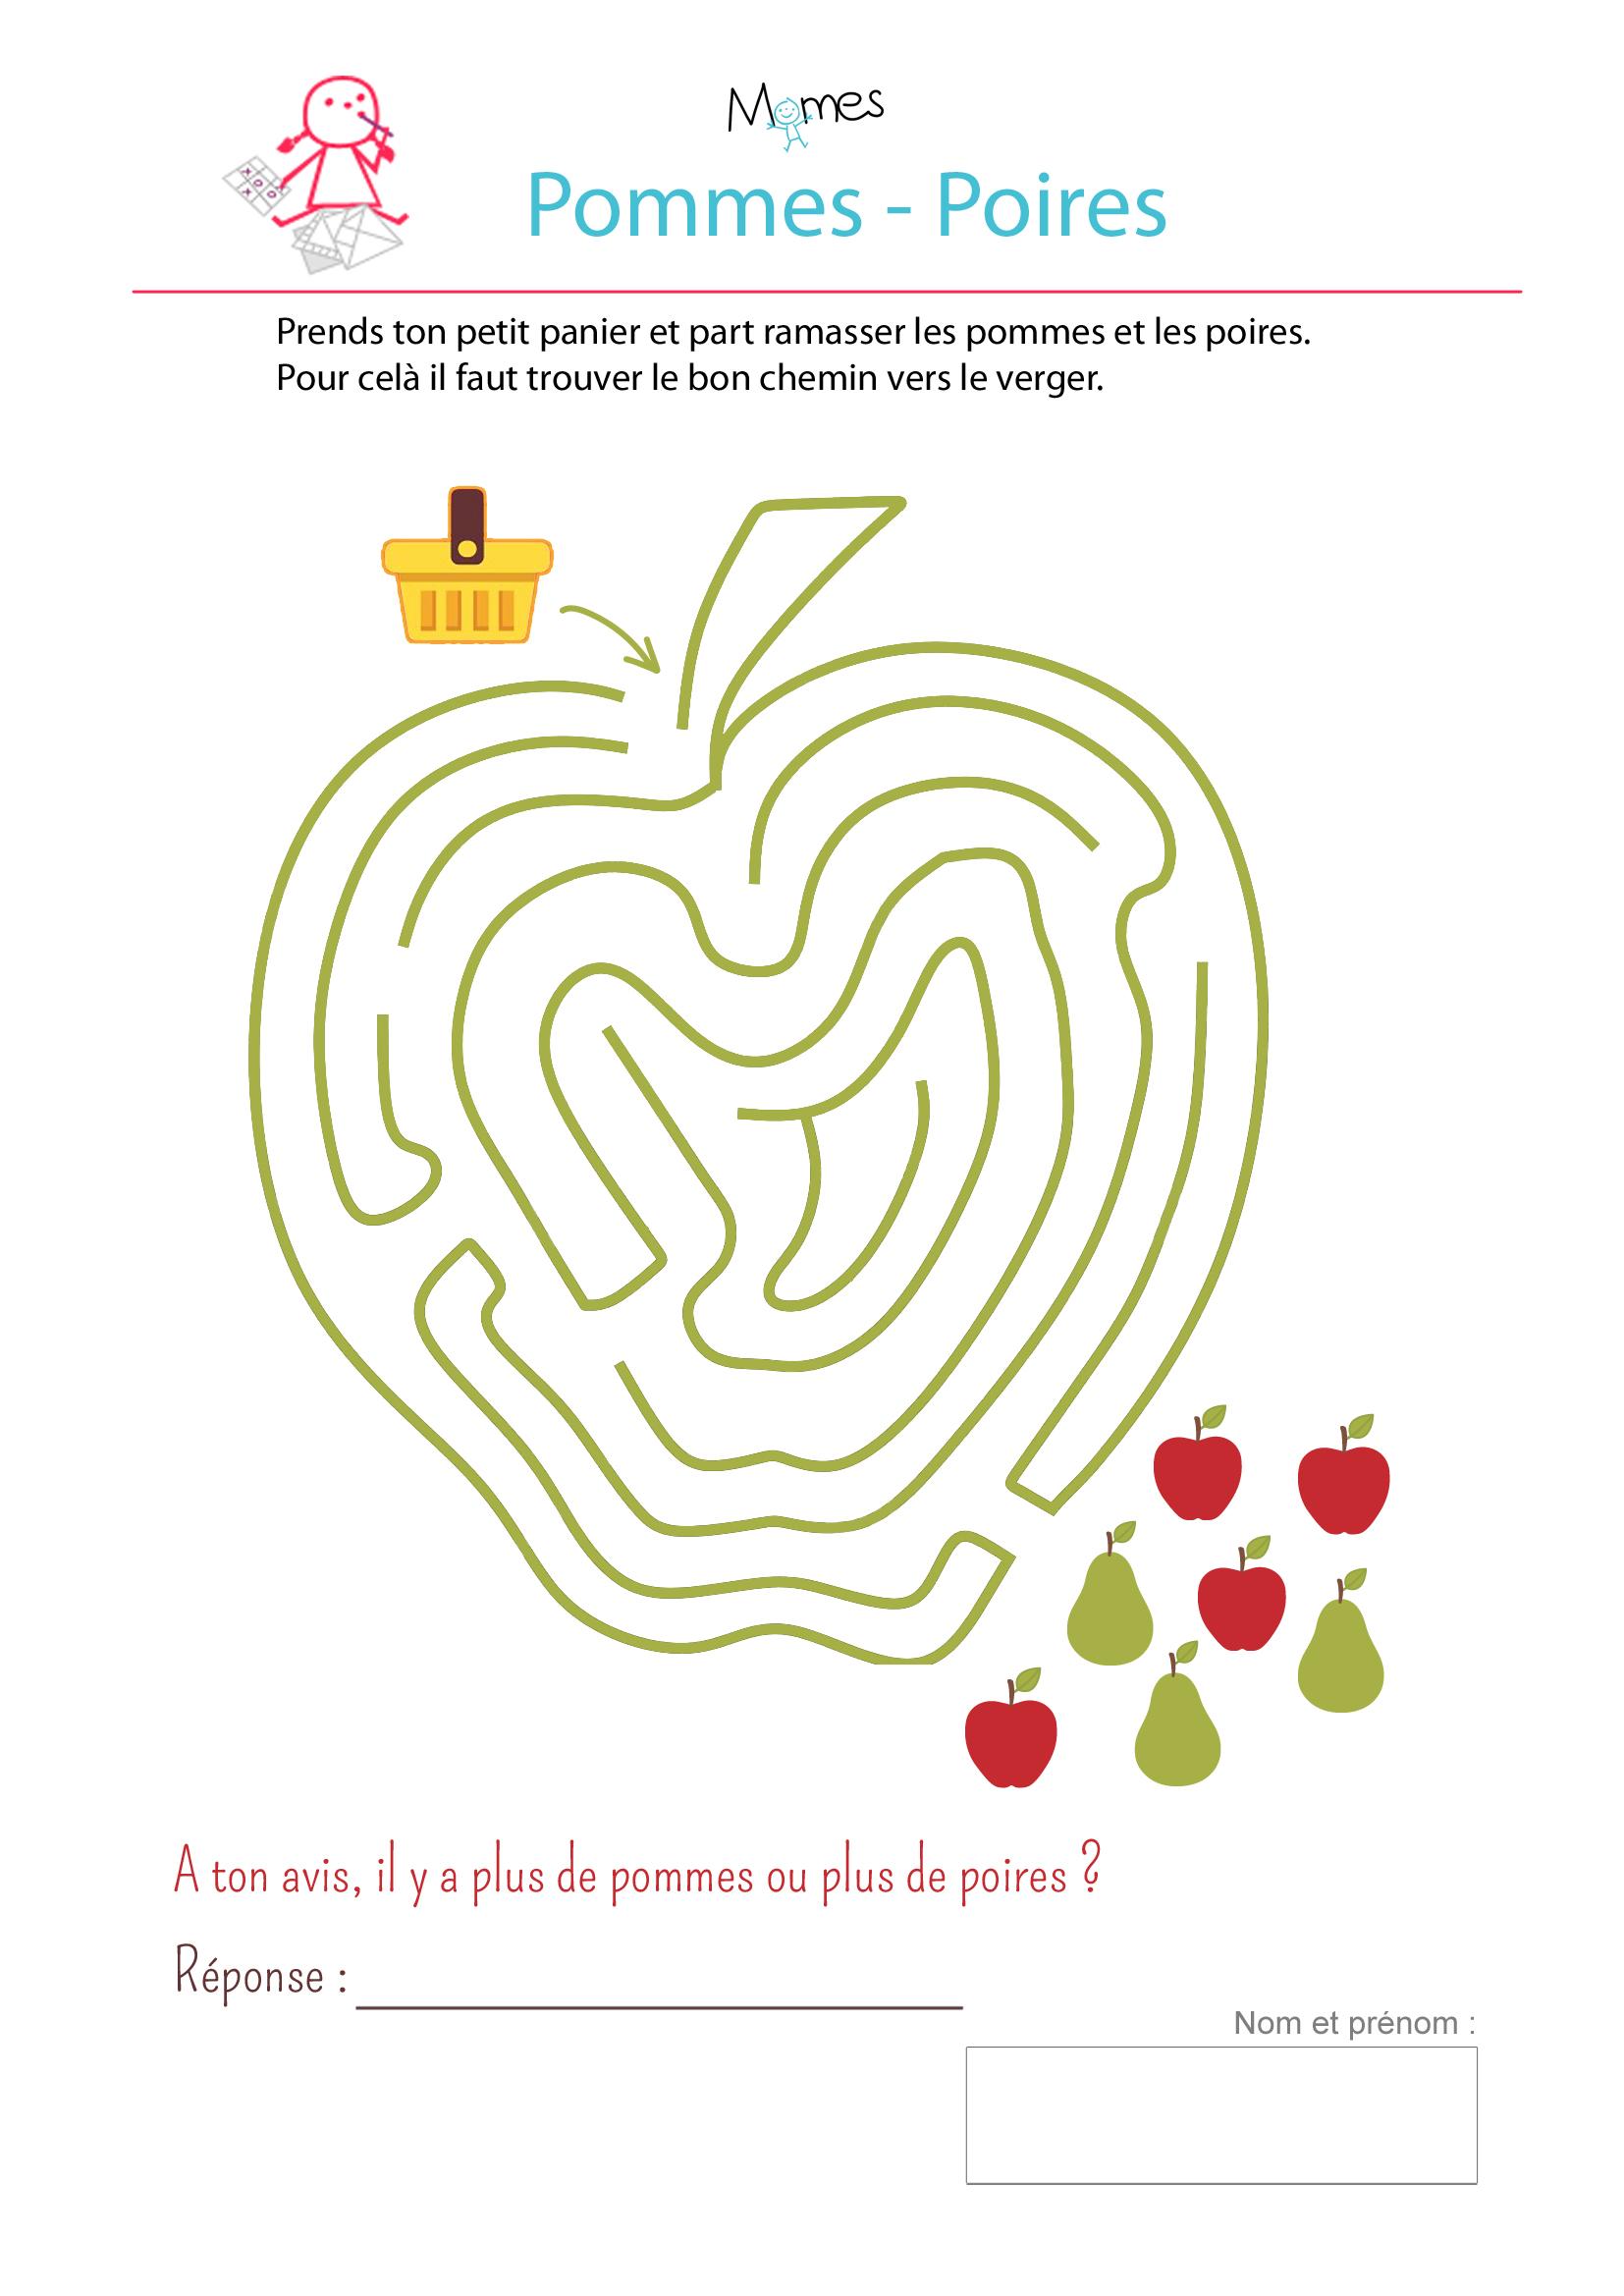 Le labyrinthe pommes poires - Jeux labyrinthe a imprimer ...